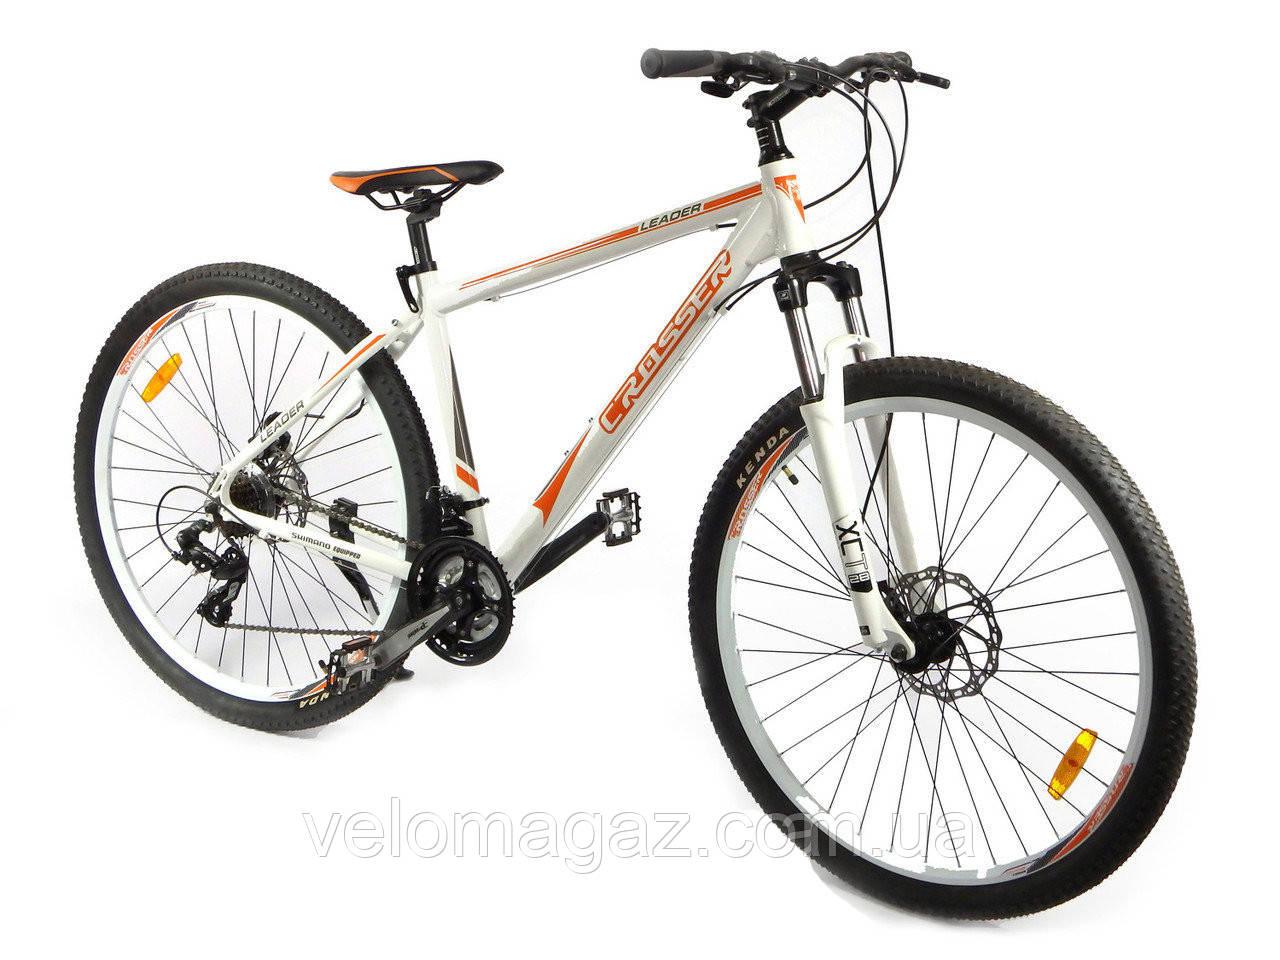 """Велосипед Crosser Leader*19 29"""" бело-оранжевый горный алюминиевый"""